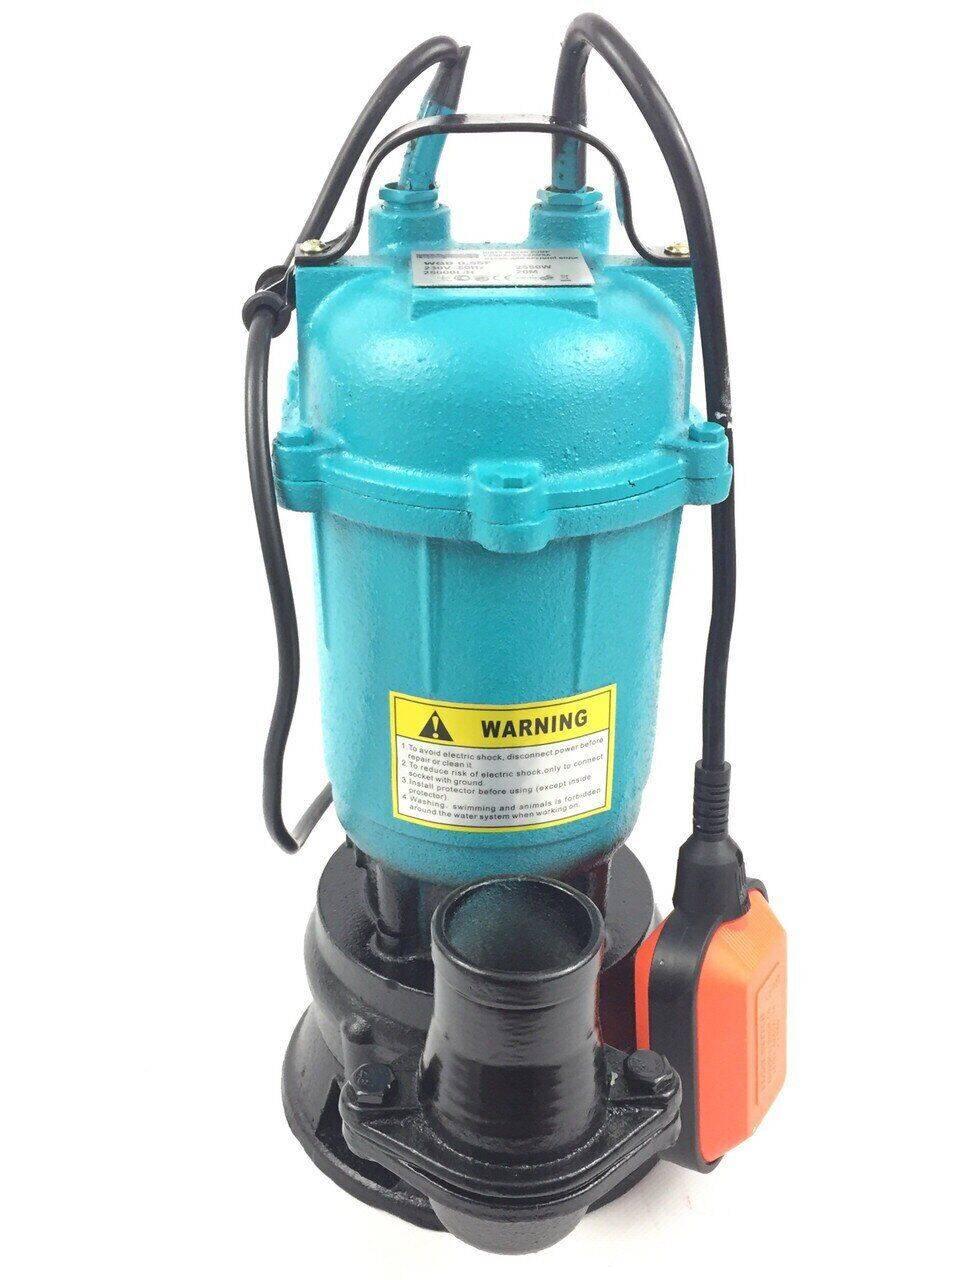 Насос для откачки воды из подвала и погреба- как выбрать?фекальные и дренажные насосы: для откачивания грязной воды- центробежные и вибрационные: виды и особенности